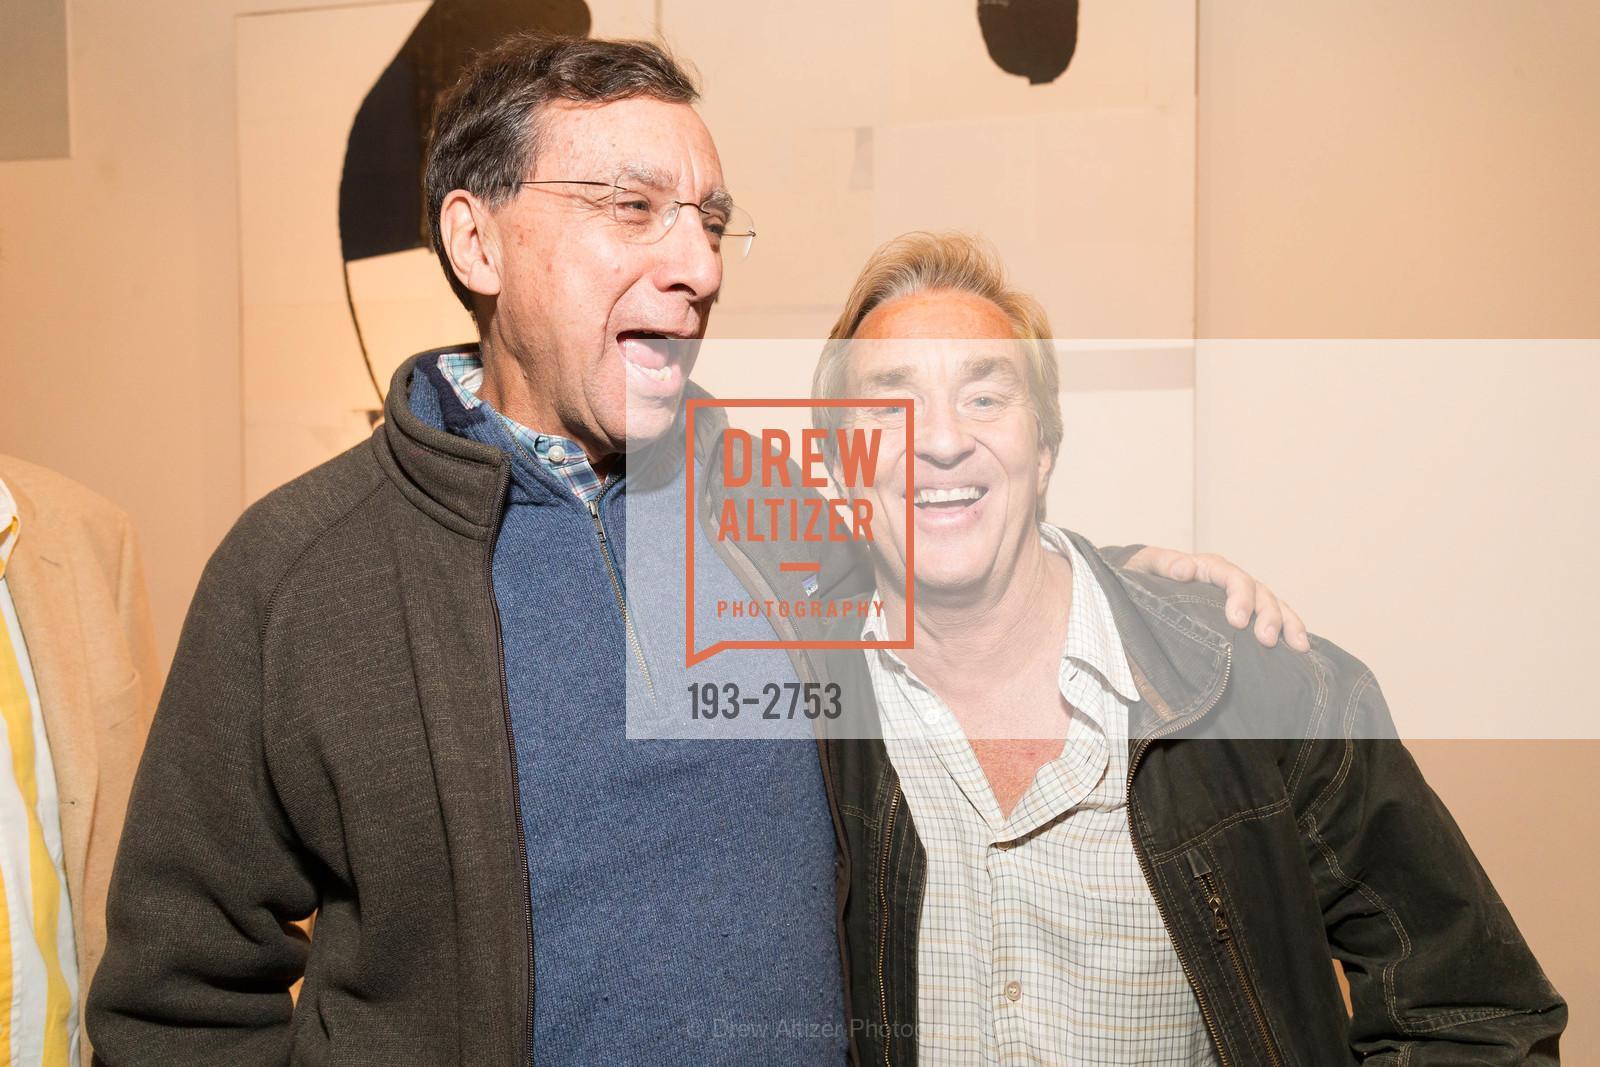 John Markoff, Jim Steyer, Photo #193-2753